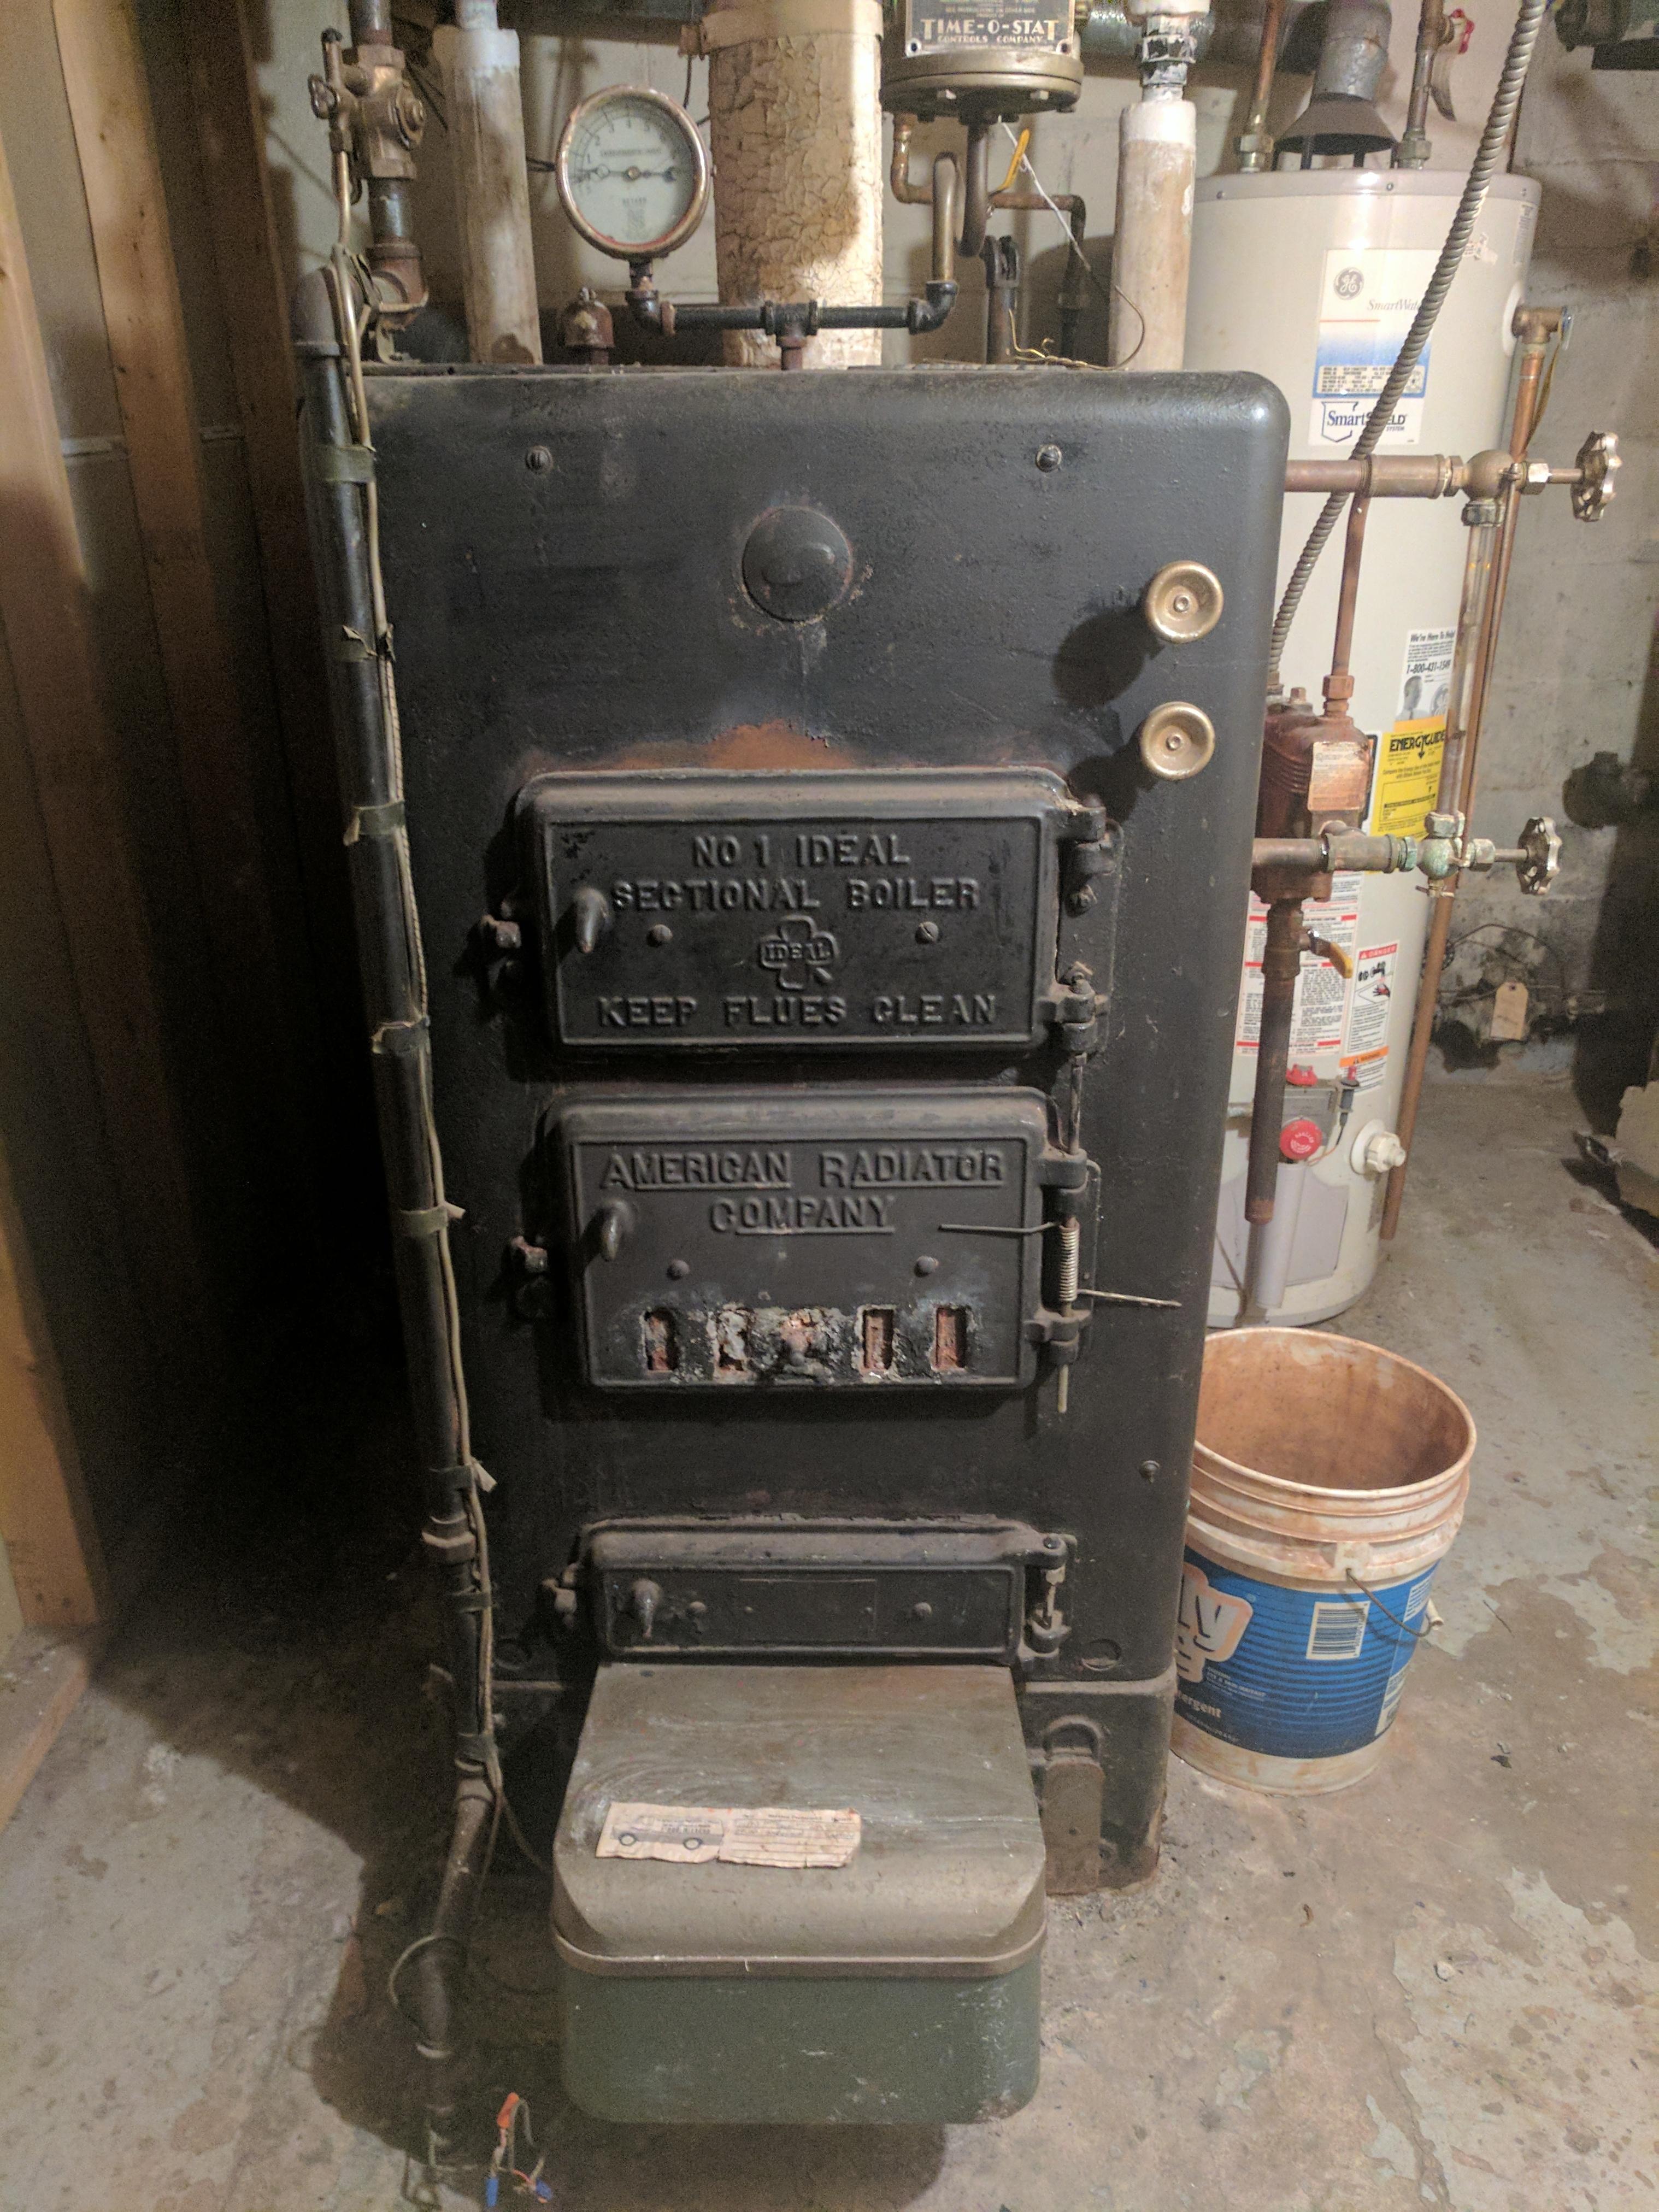 Radiator Not Getting Hot >> Tips for 1920s American Radiator steam boiler? — Heating ...